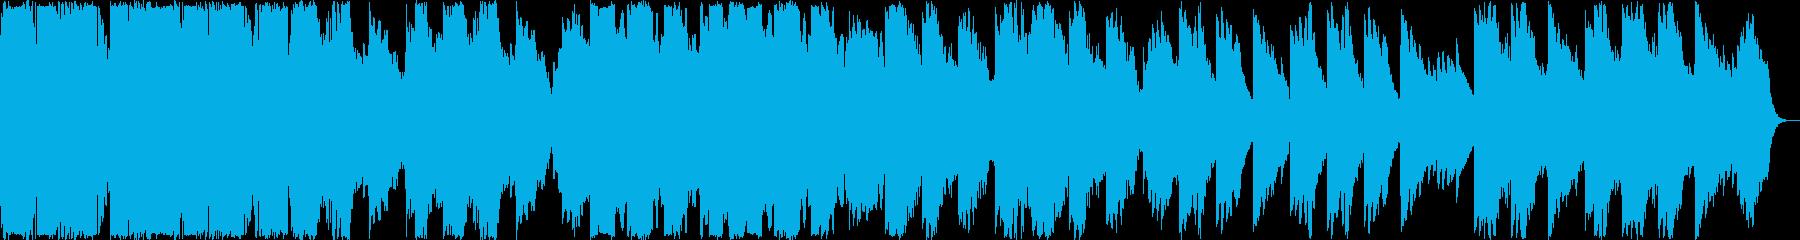 穏やかなバイオリンクラシックの再生済みの波形